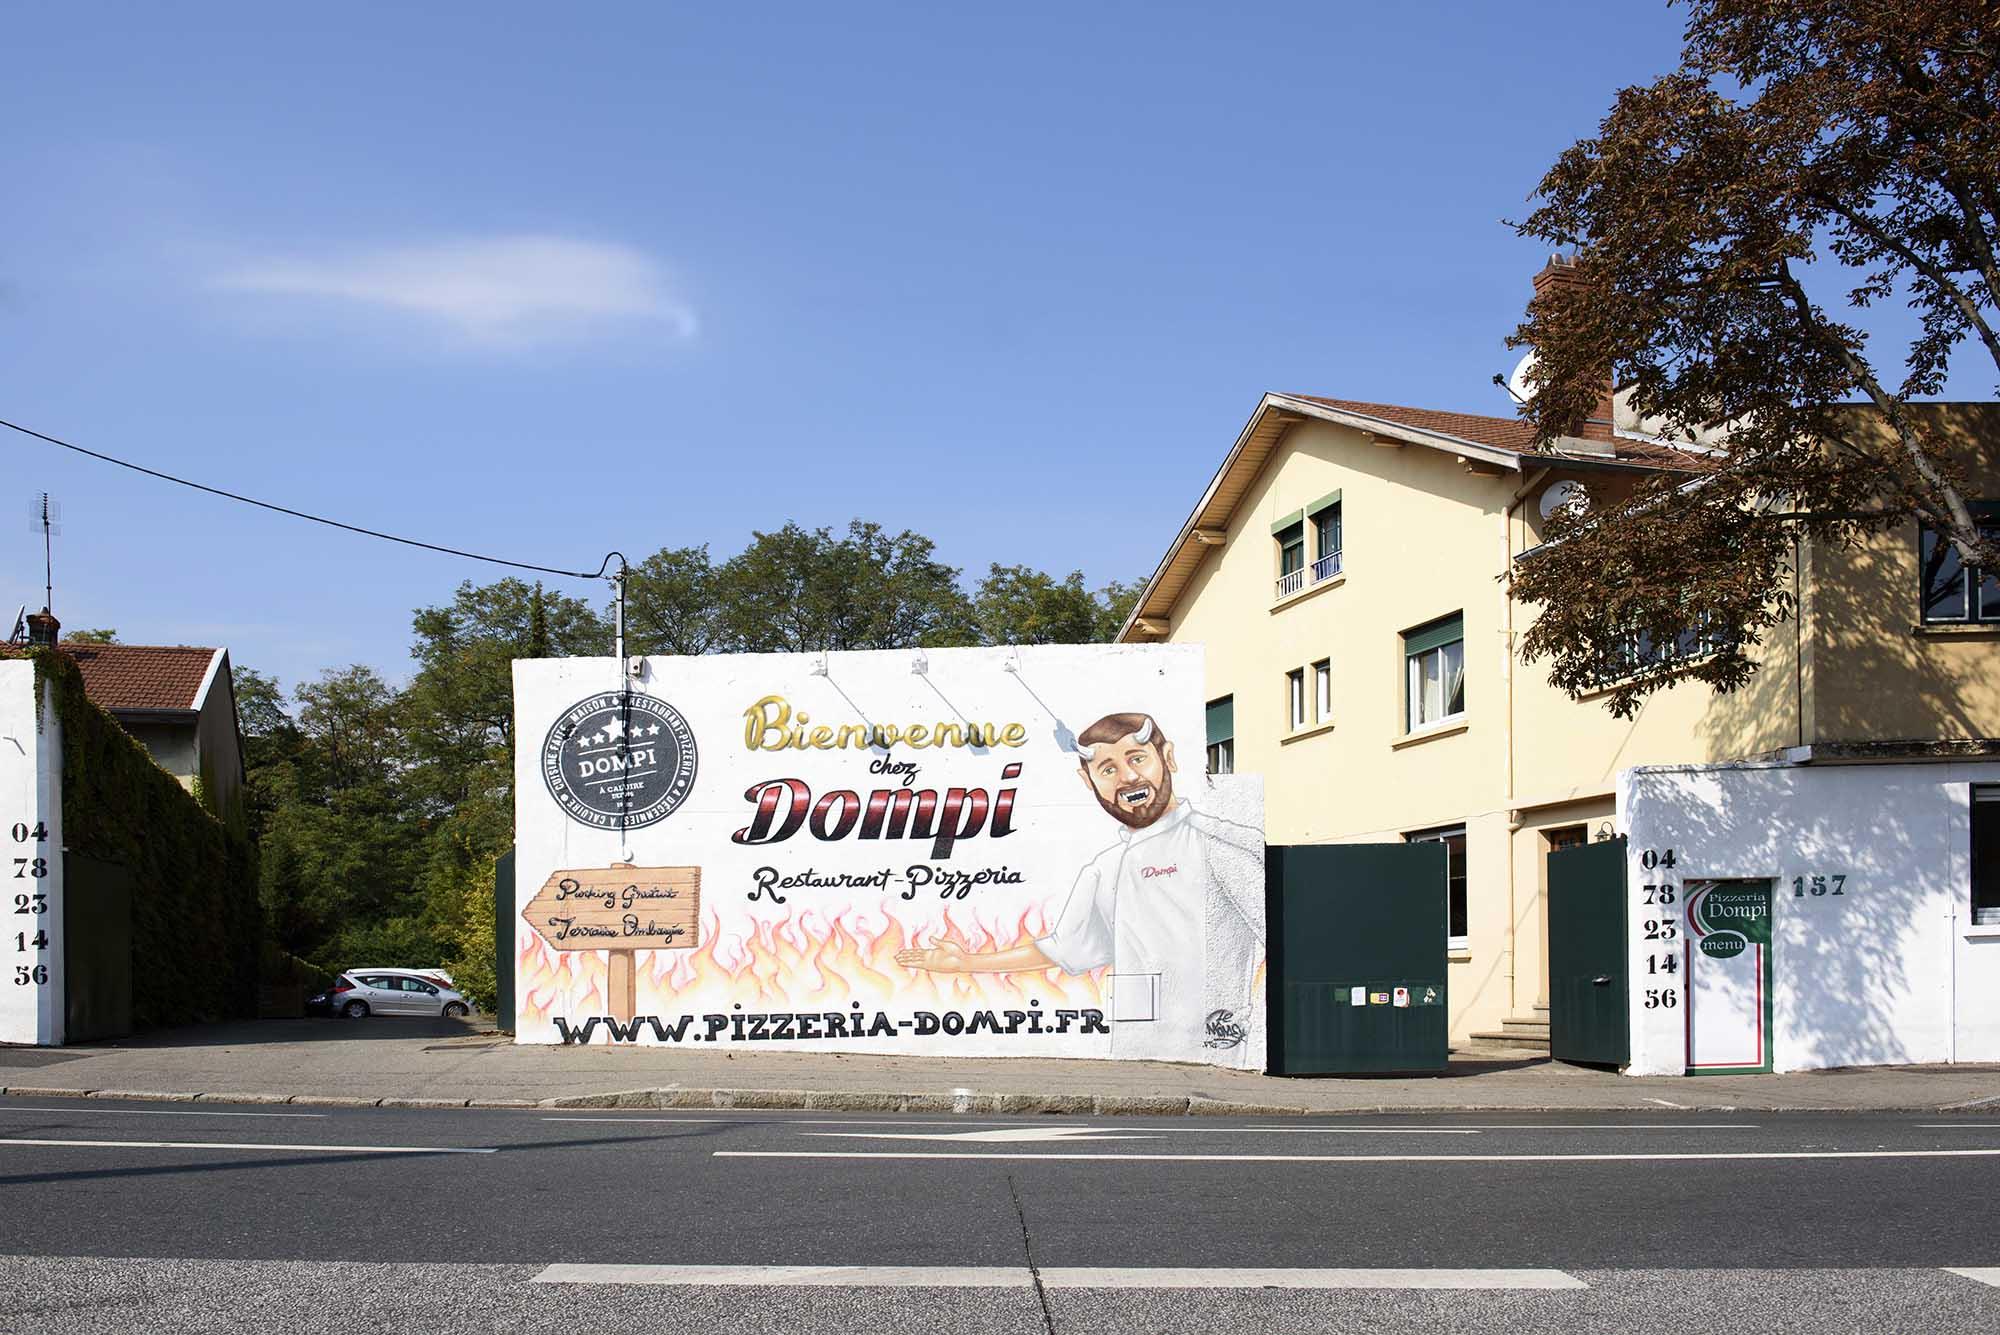 Graff dompi façade 2015-Caluire-Lyon